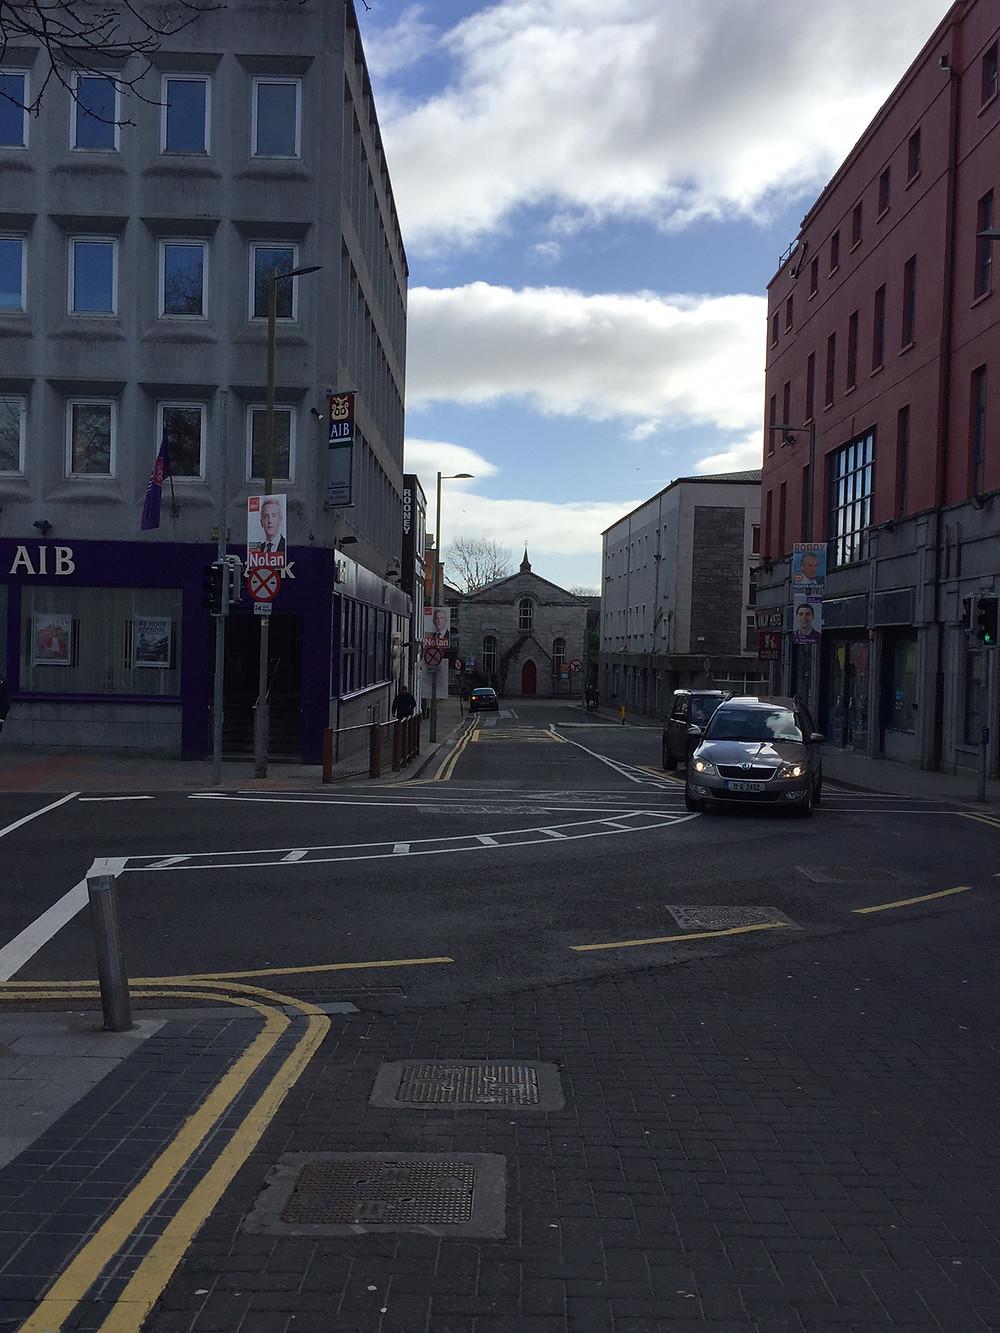 Exit this corner of Eyre Square (AIB Corner)